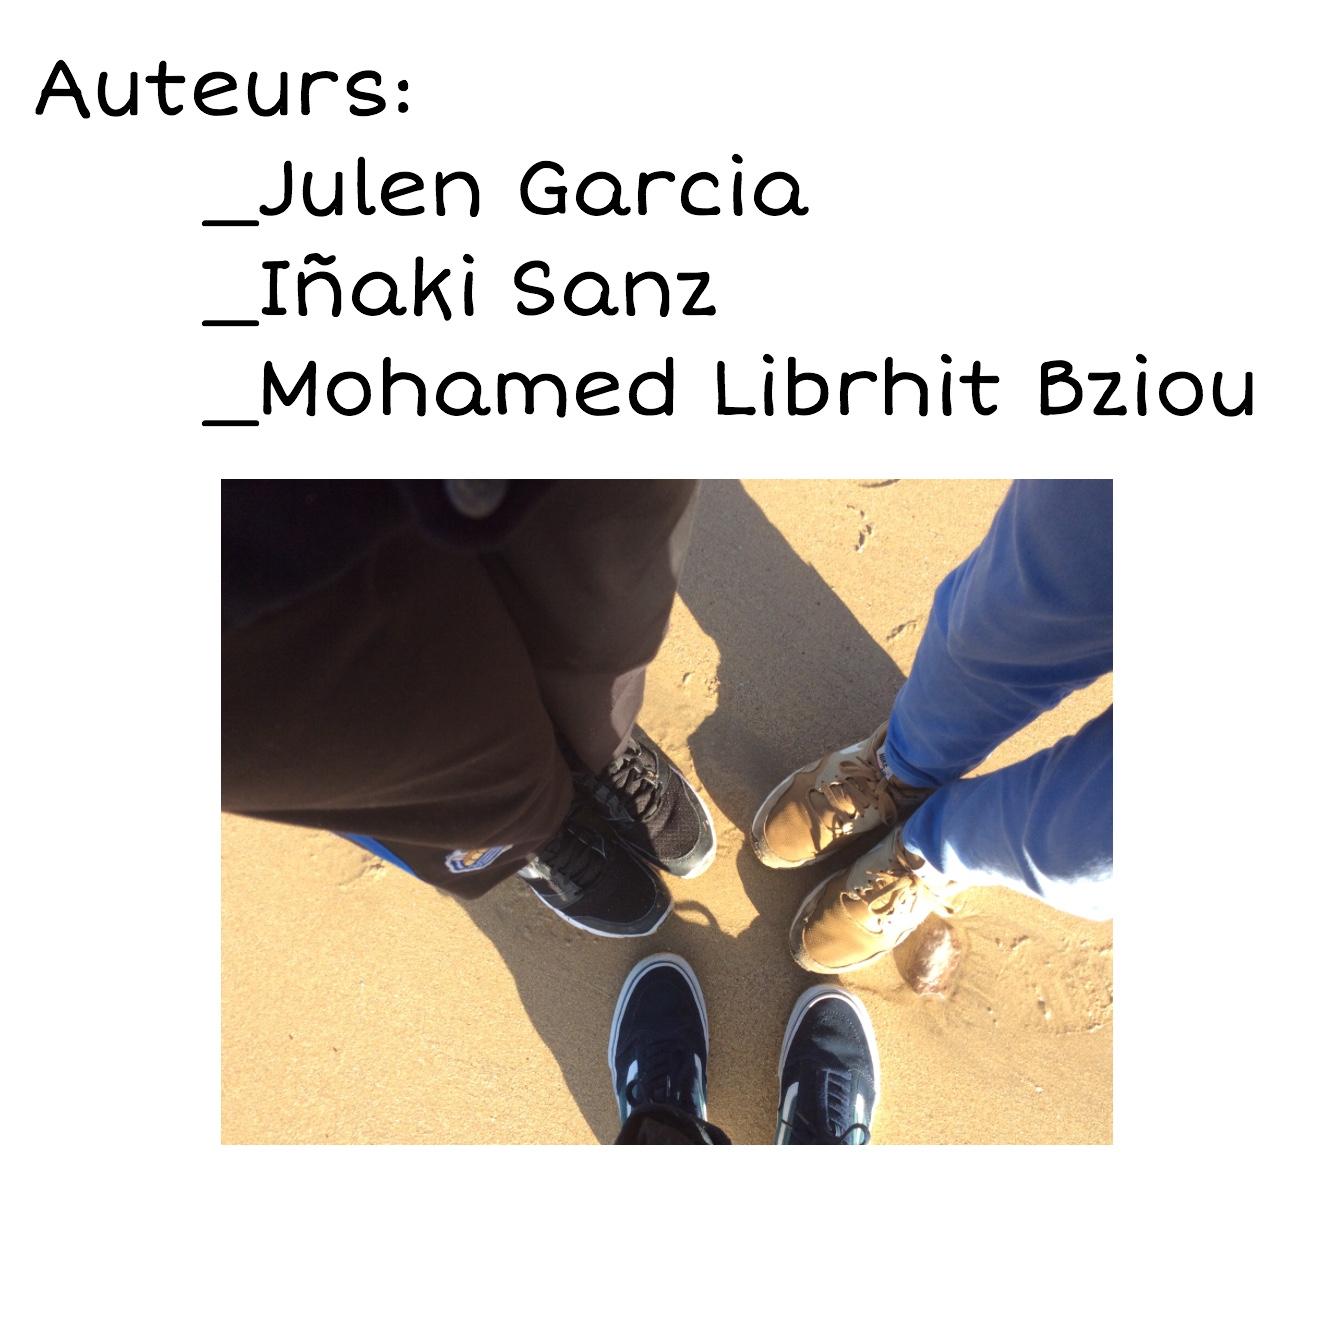 Journal de bord de Julen, Iñaki et Mohamed de 4ème - p6